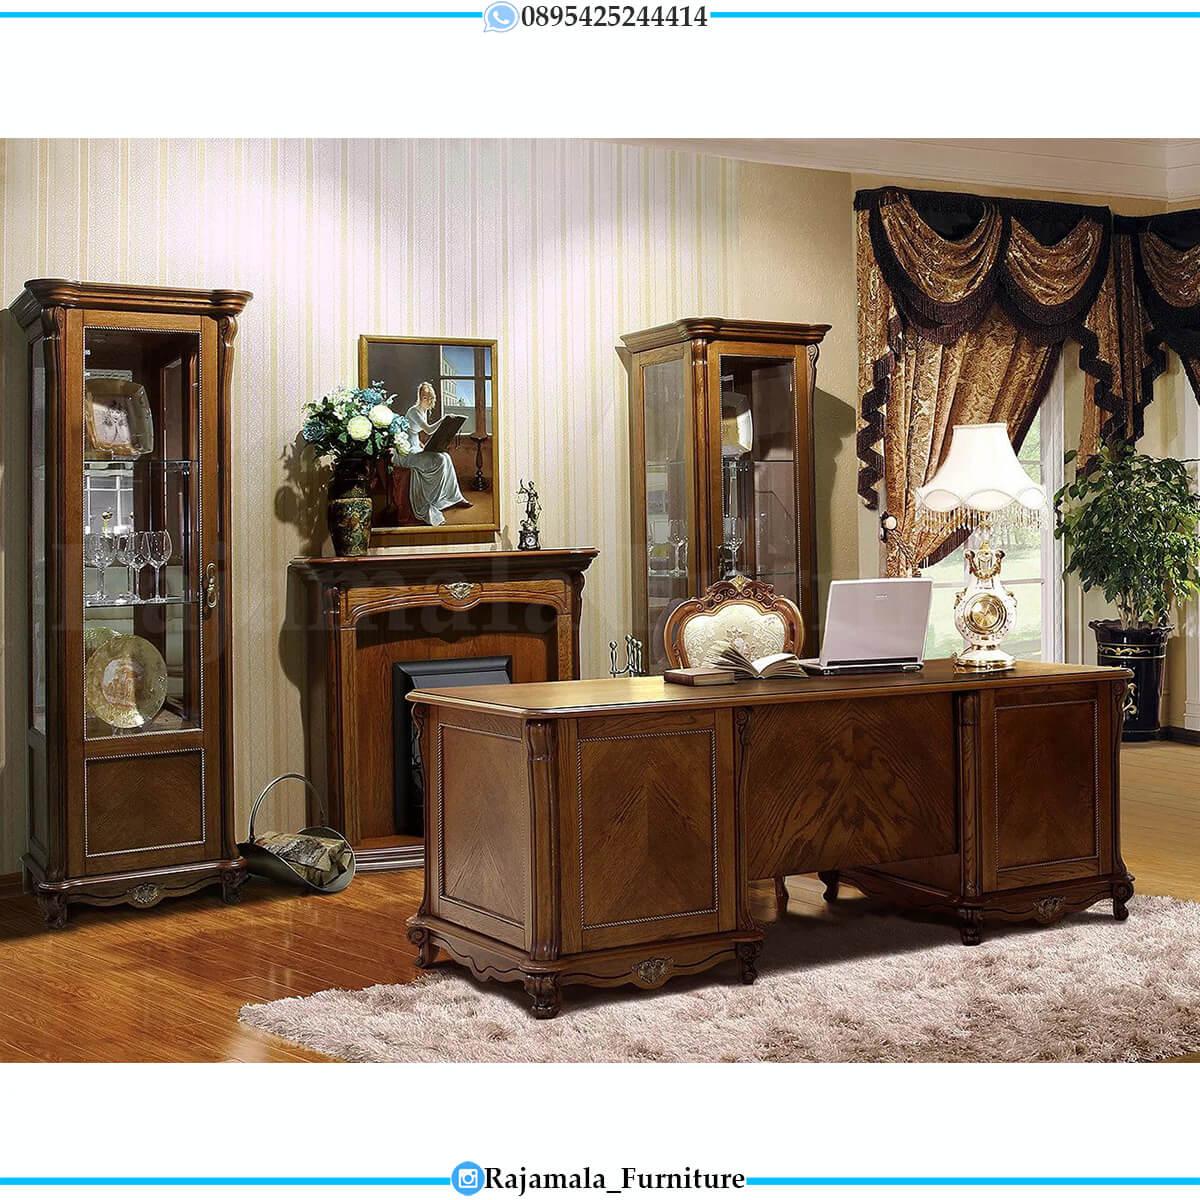 Comfortable Design Meja Kantor Mewah Luxury Classic Jati Perhutani RM-0576